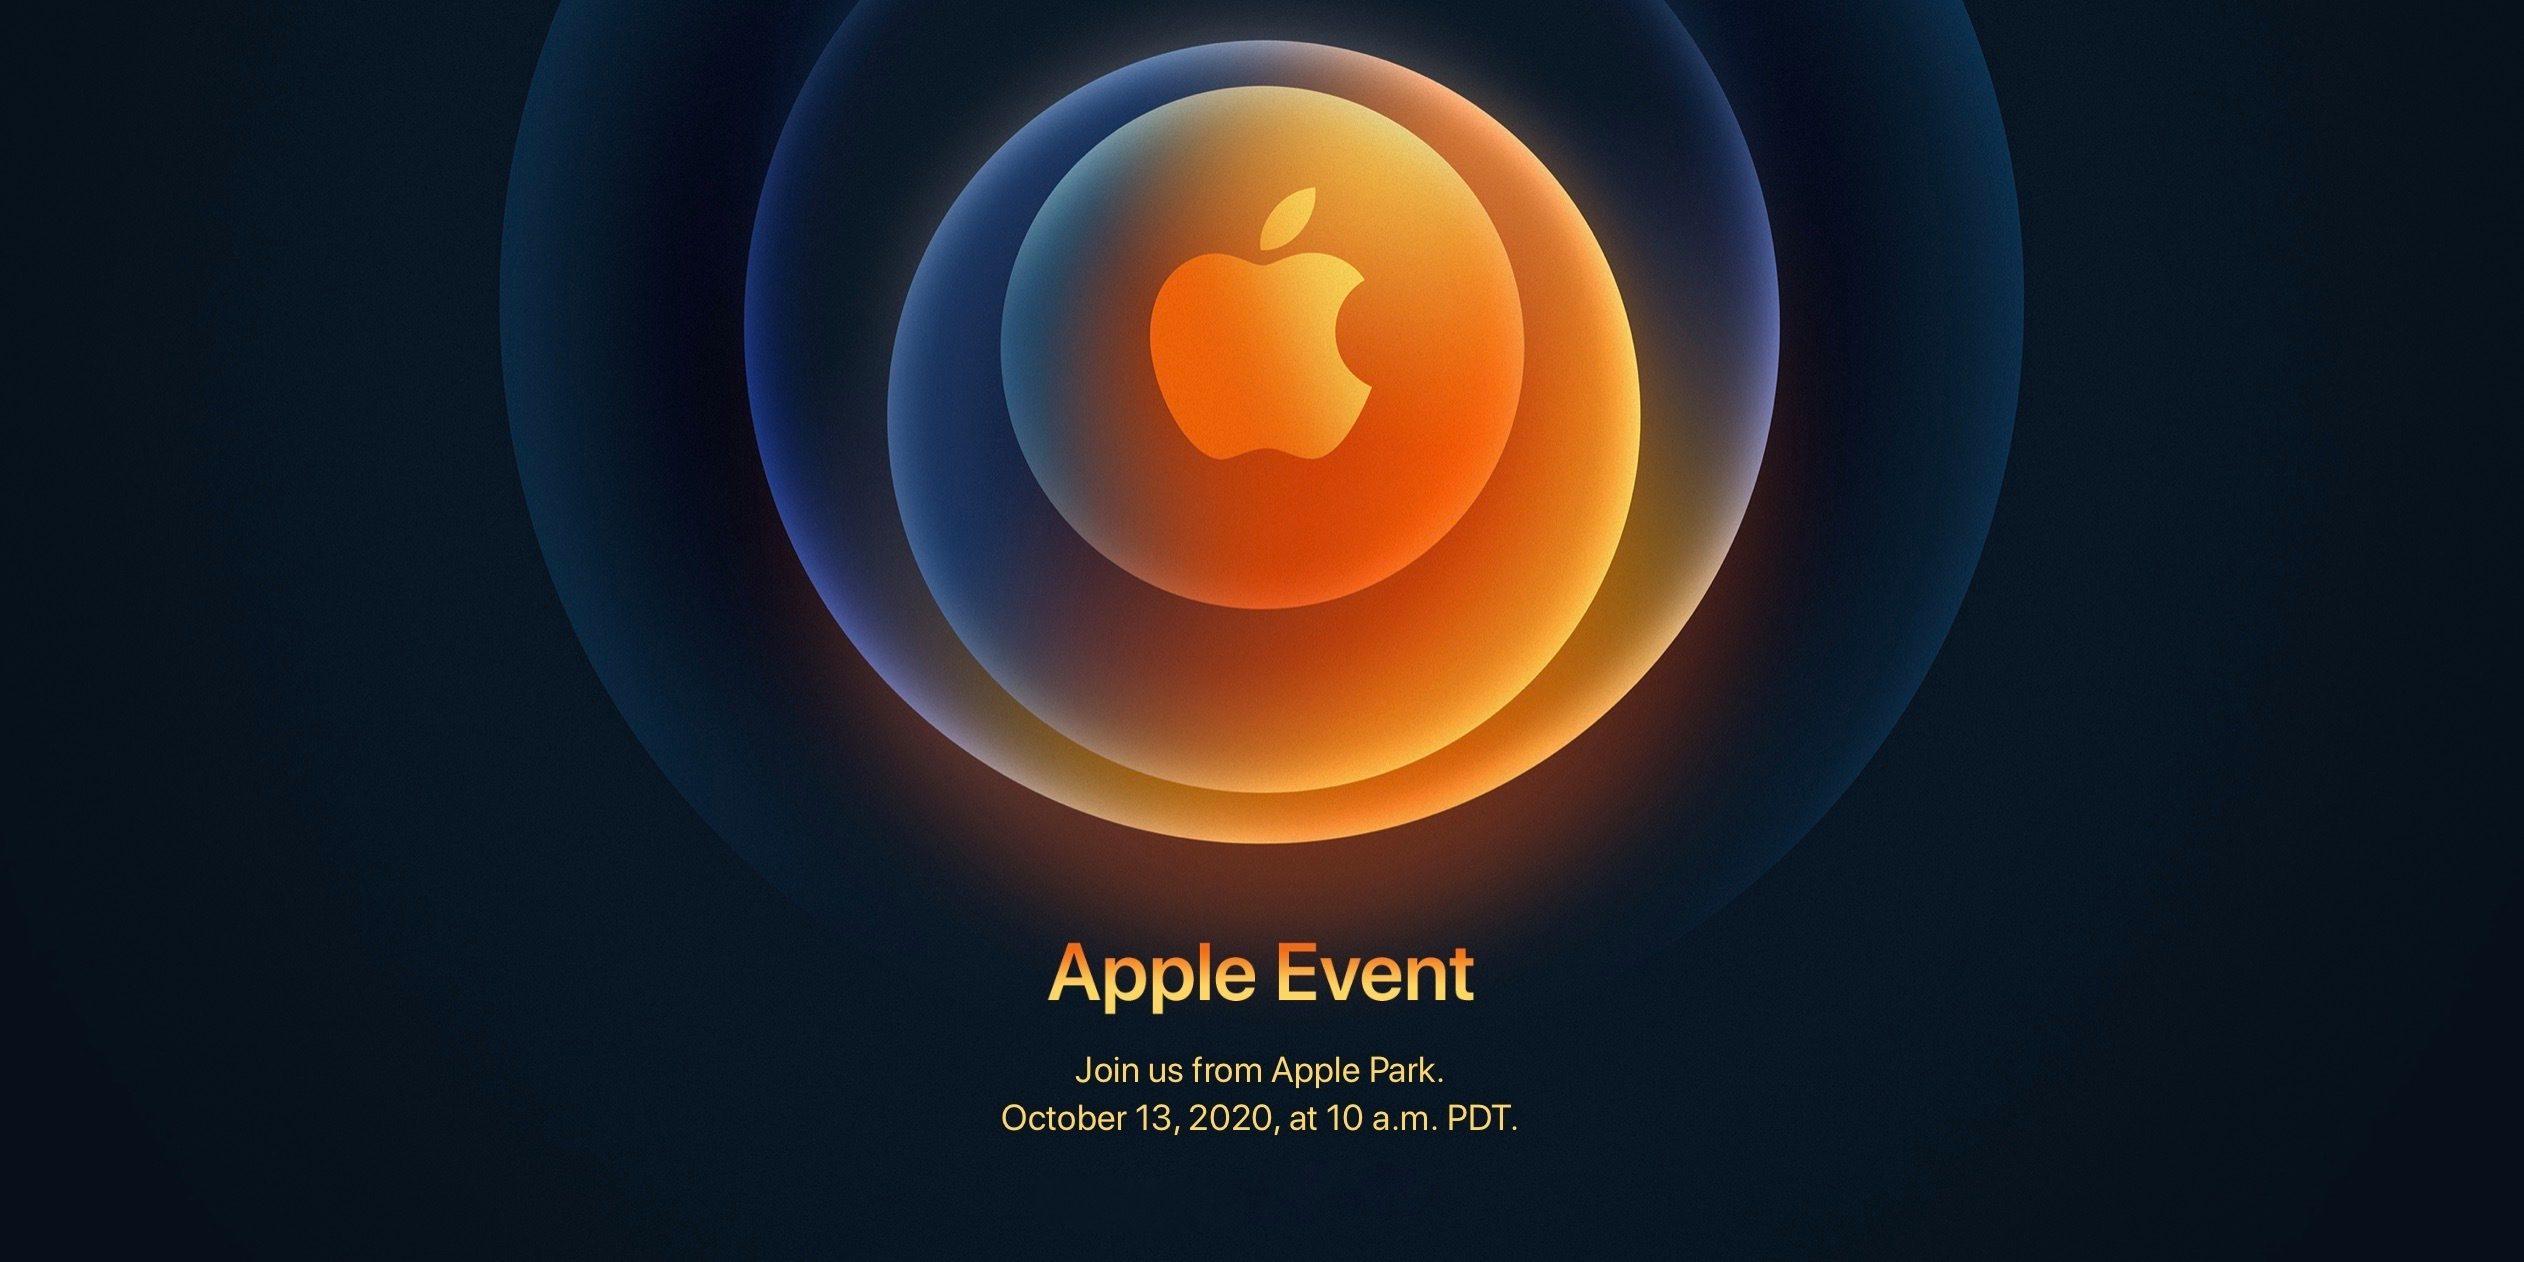 Confirmado: Los iPhone 12 serán presentados el 13 de octubre